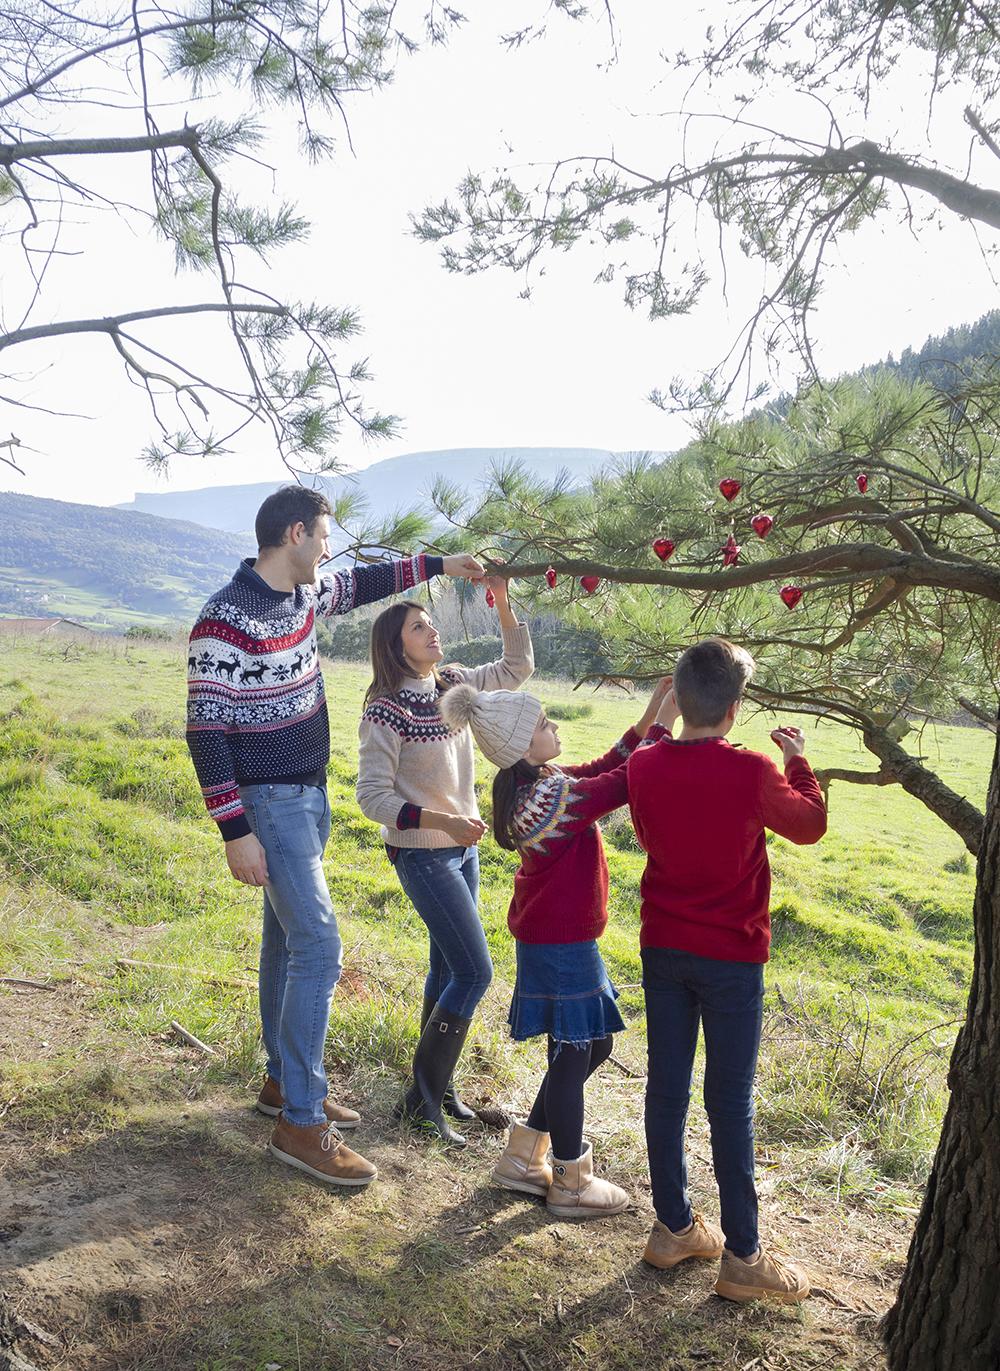 Cuaderno de villancicos descargable: canciones navideñas  para cantar en familia6